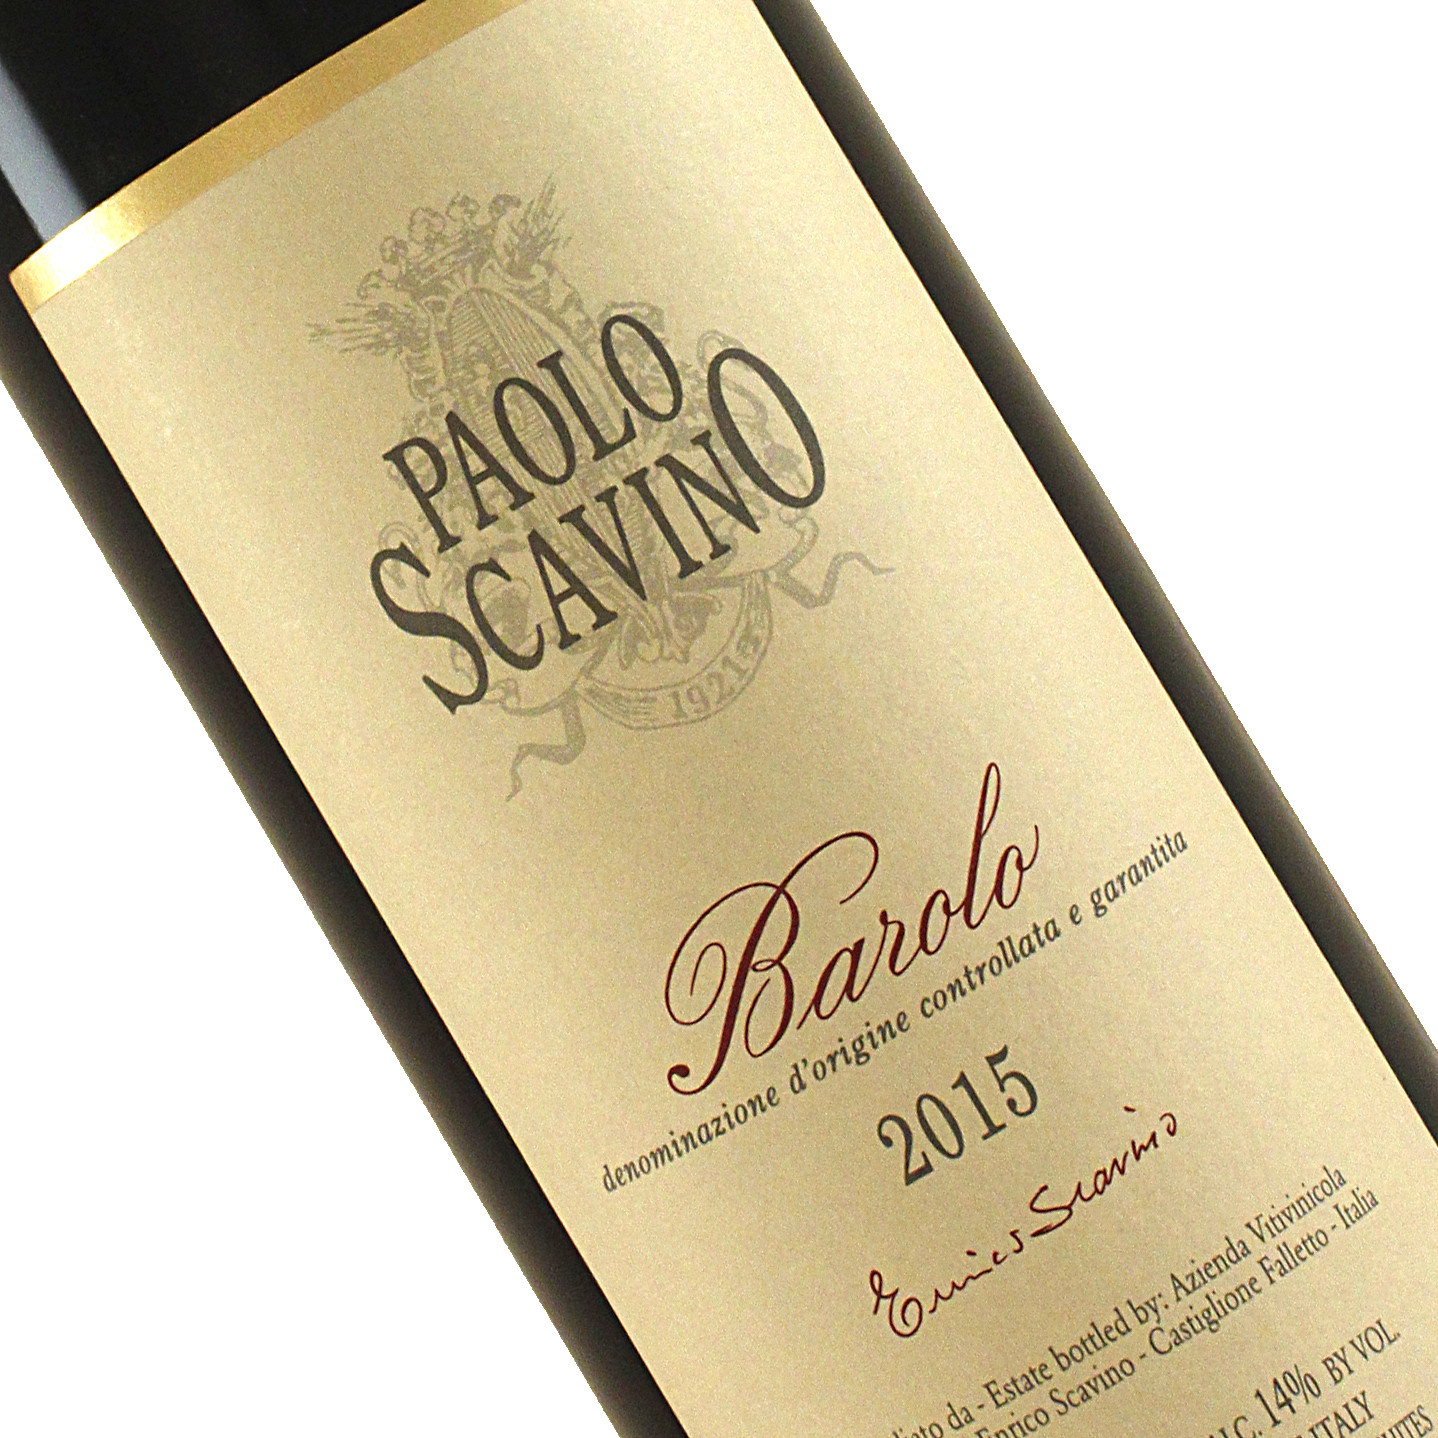 Paolo Scavino 2016 Barolo, Piedmont